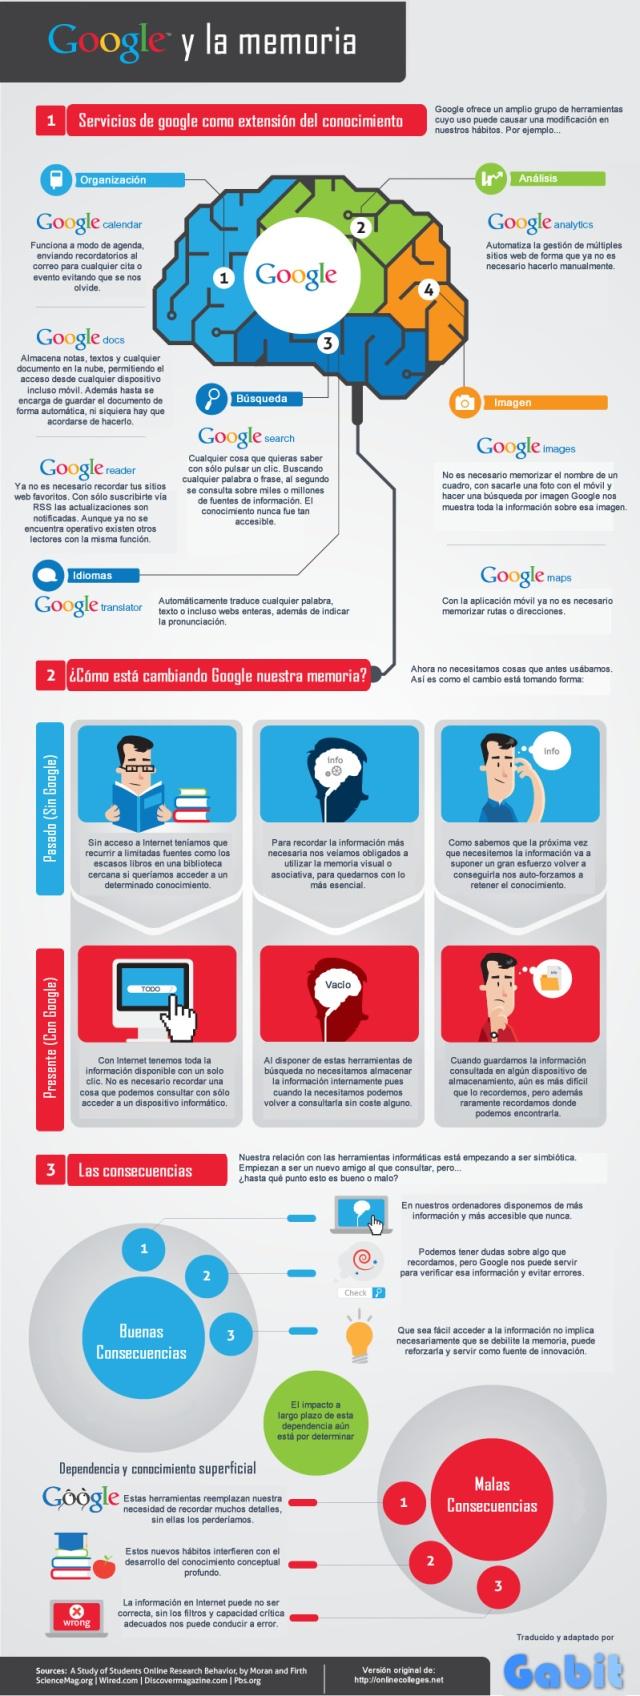 Google y la memoria